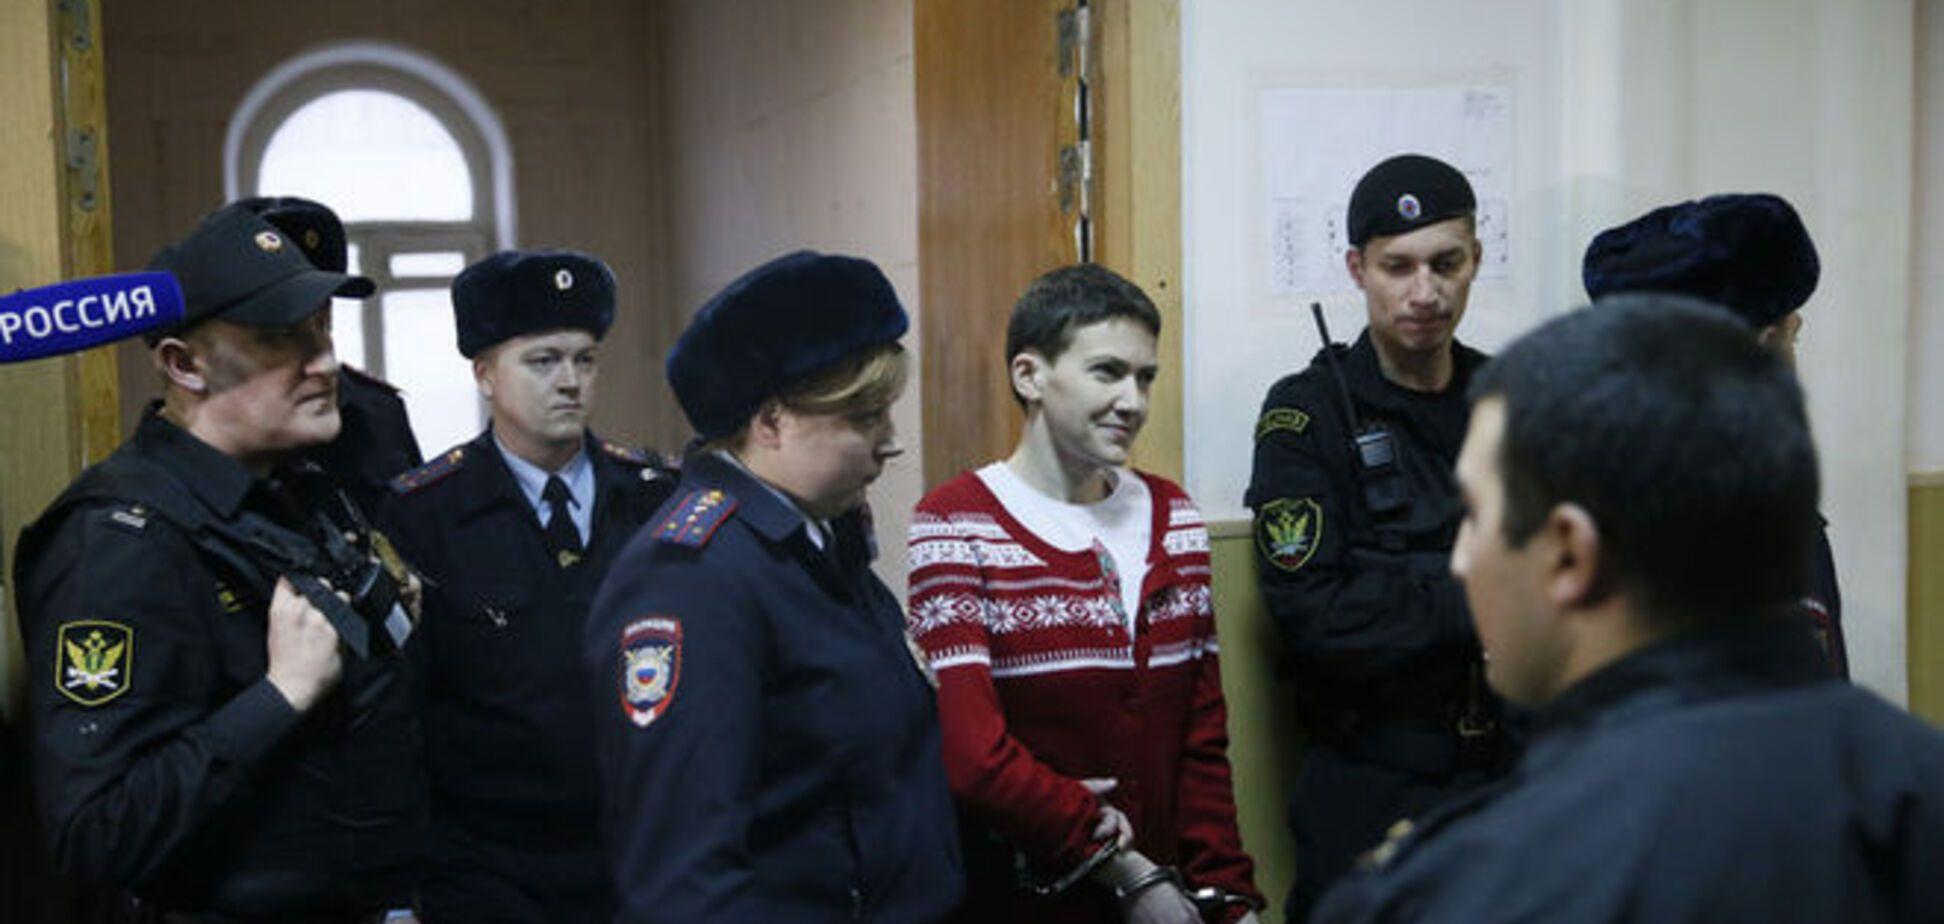 Савченко голодала беспрецедентно долго в истории медицины - СМИ